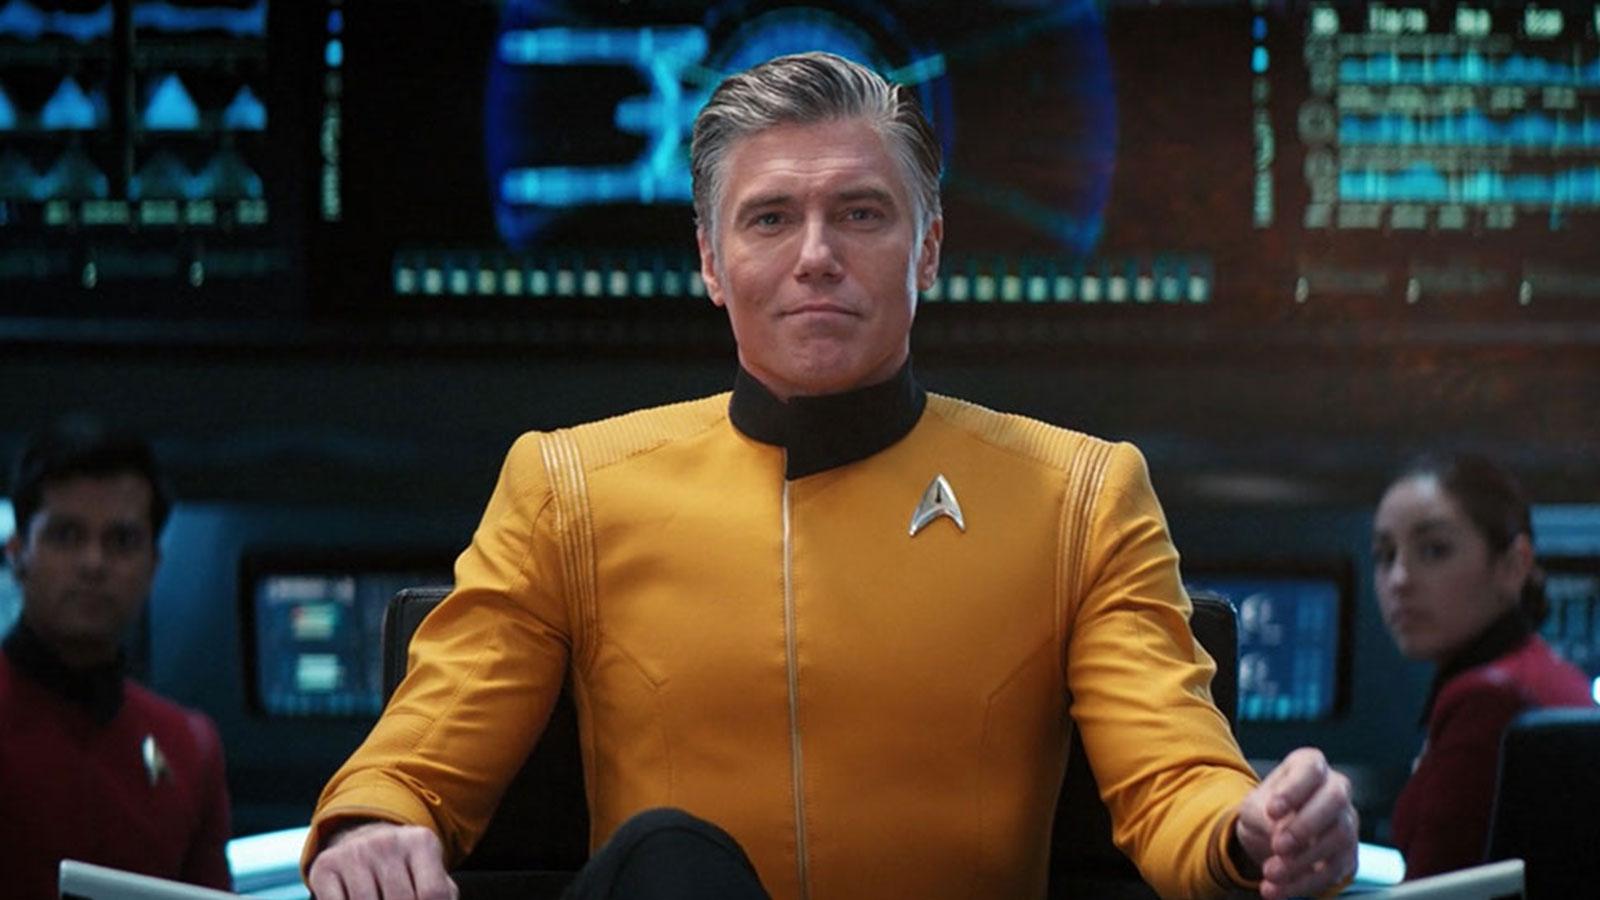 Star Trek: Strange New Worlds Begins Production, New Cast Members Revealed